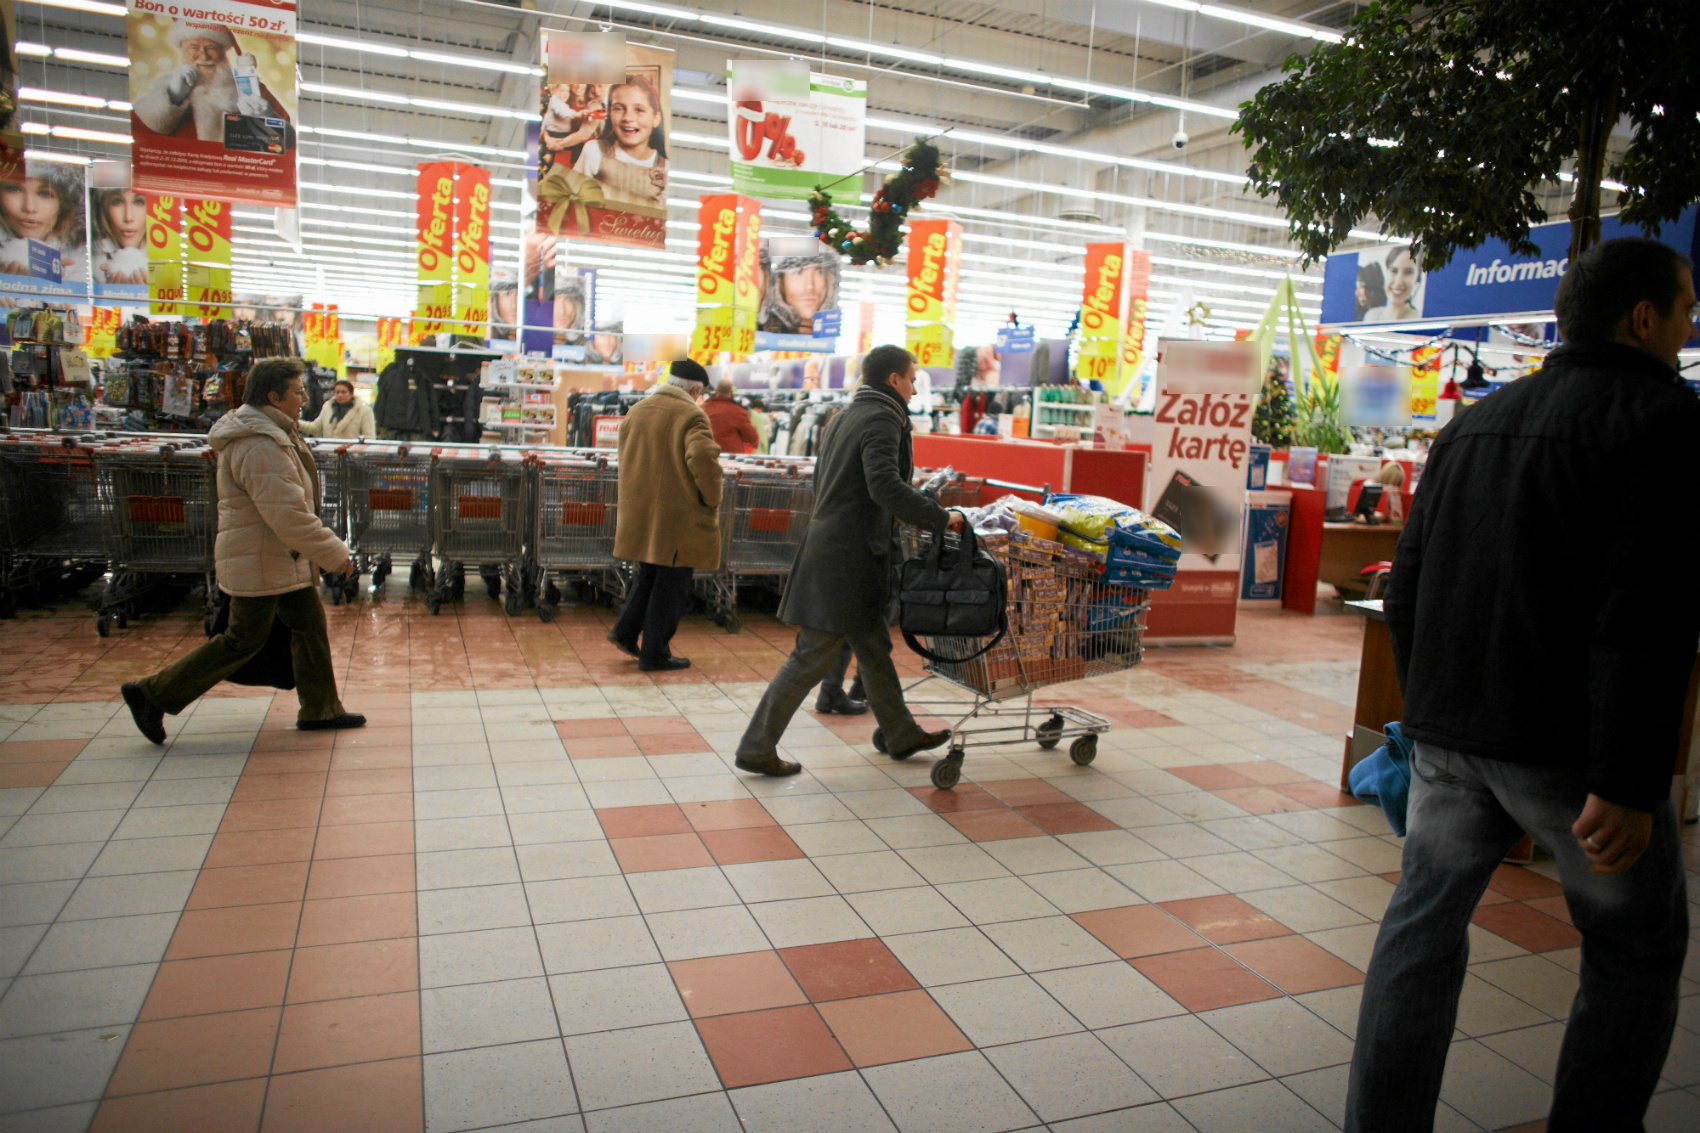 Pracownik ochrony może ująć potencjalnego złodzieja dopiero za linią kas (fot: Marcin Stępień/ Agencja Gazeta)